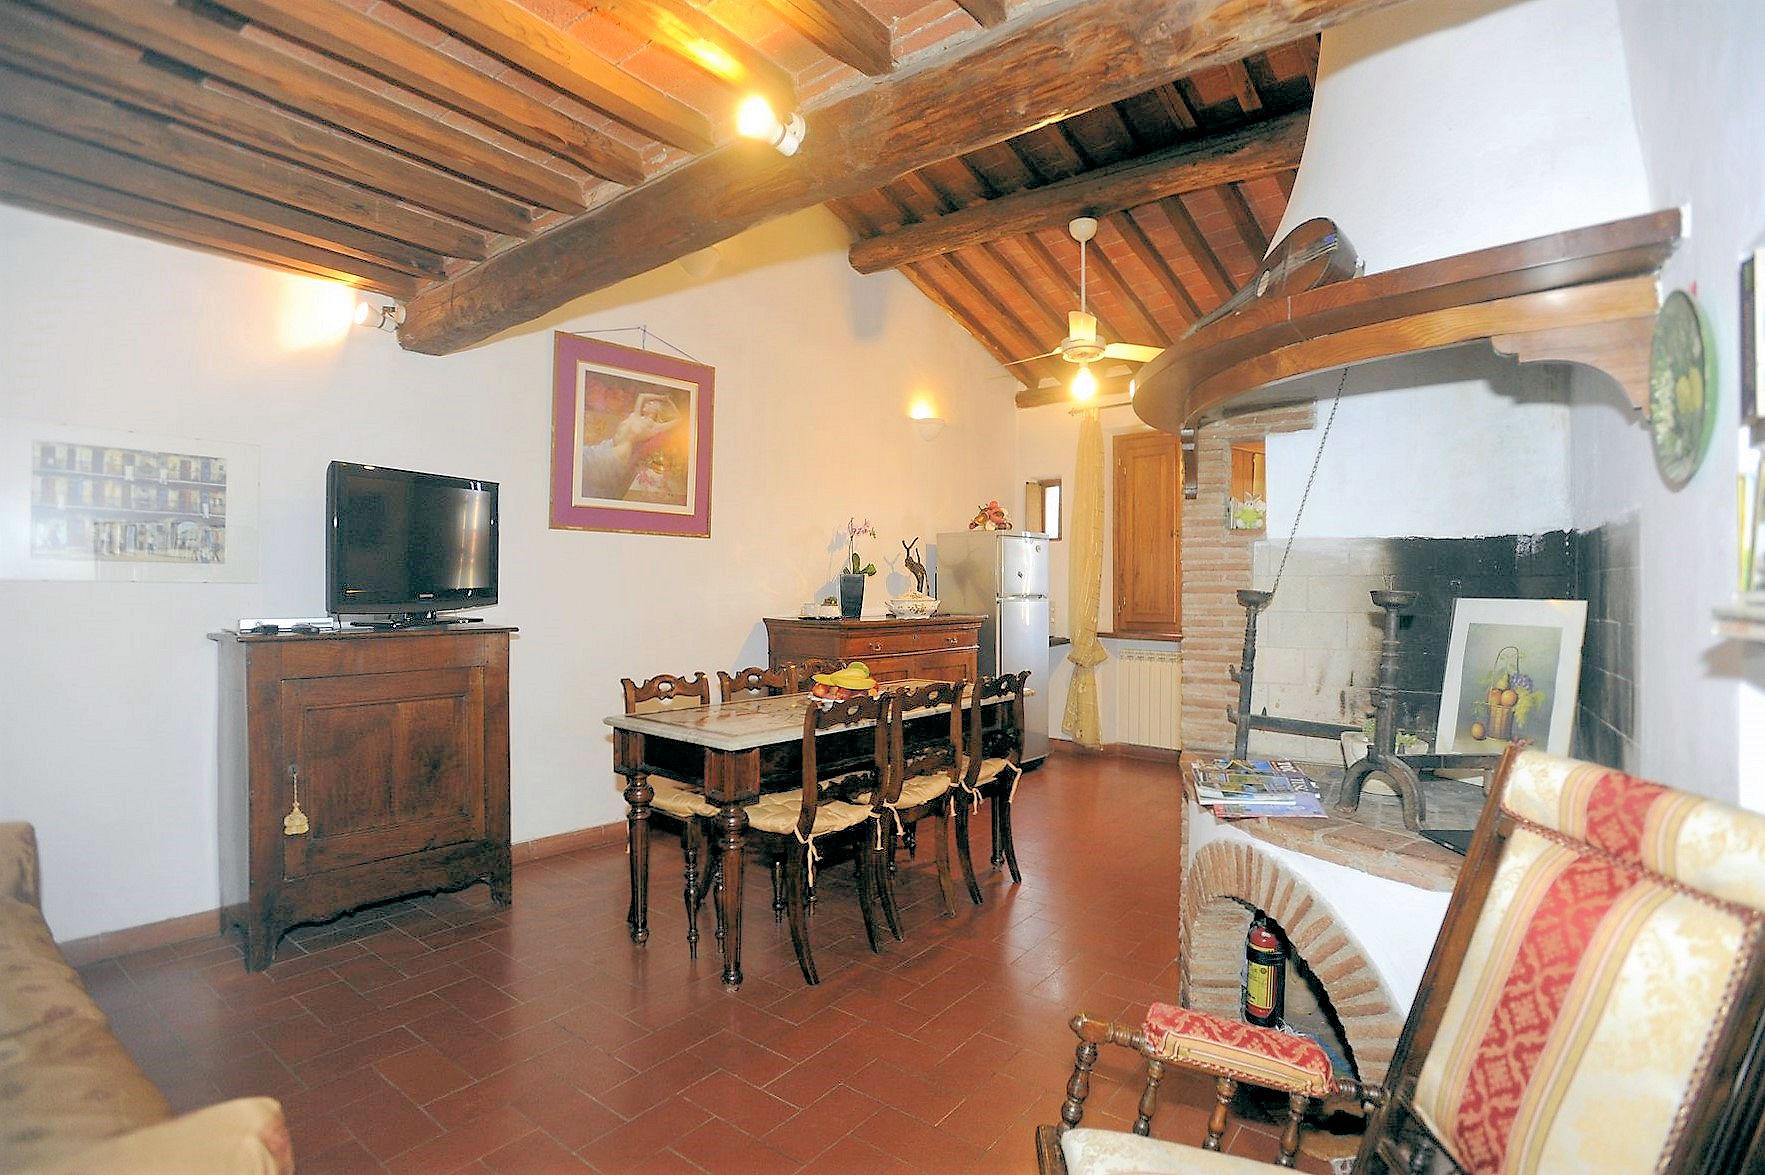 Appartamento in vendita a Lucca, 3 locali, zona Località: Centrostorico, prezzo € 395.000 | CambioCasa.it